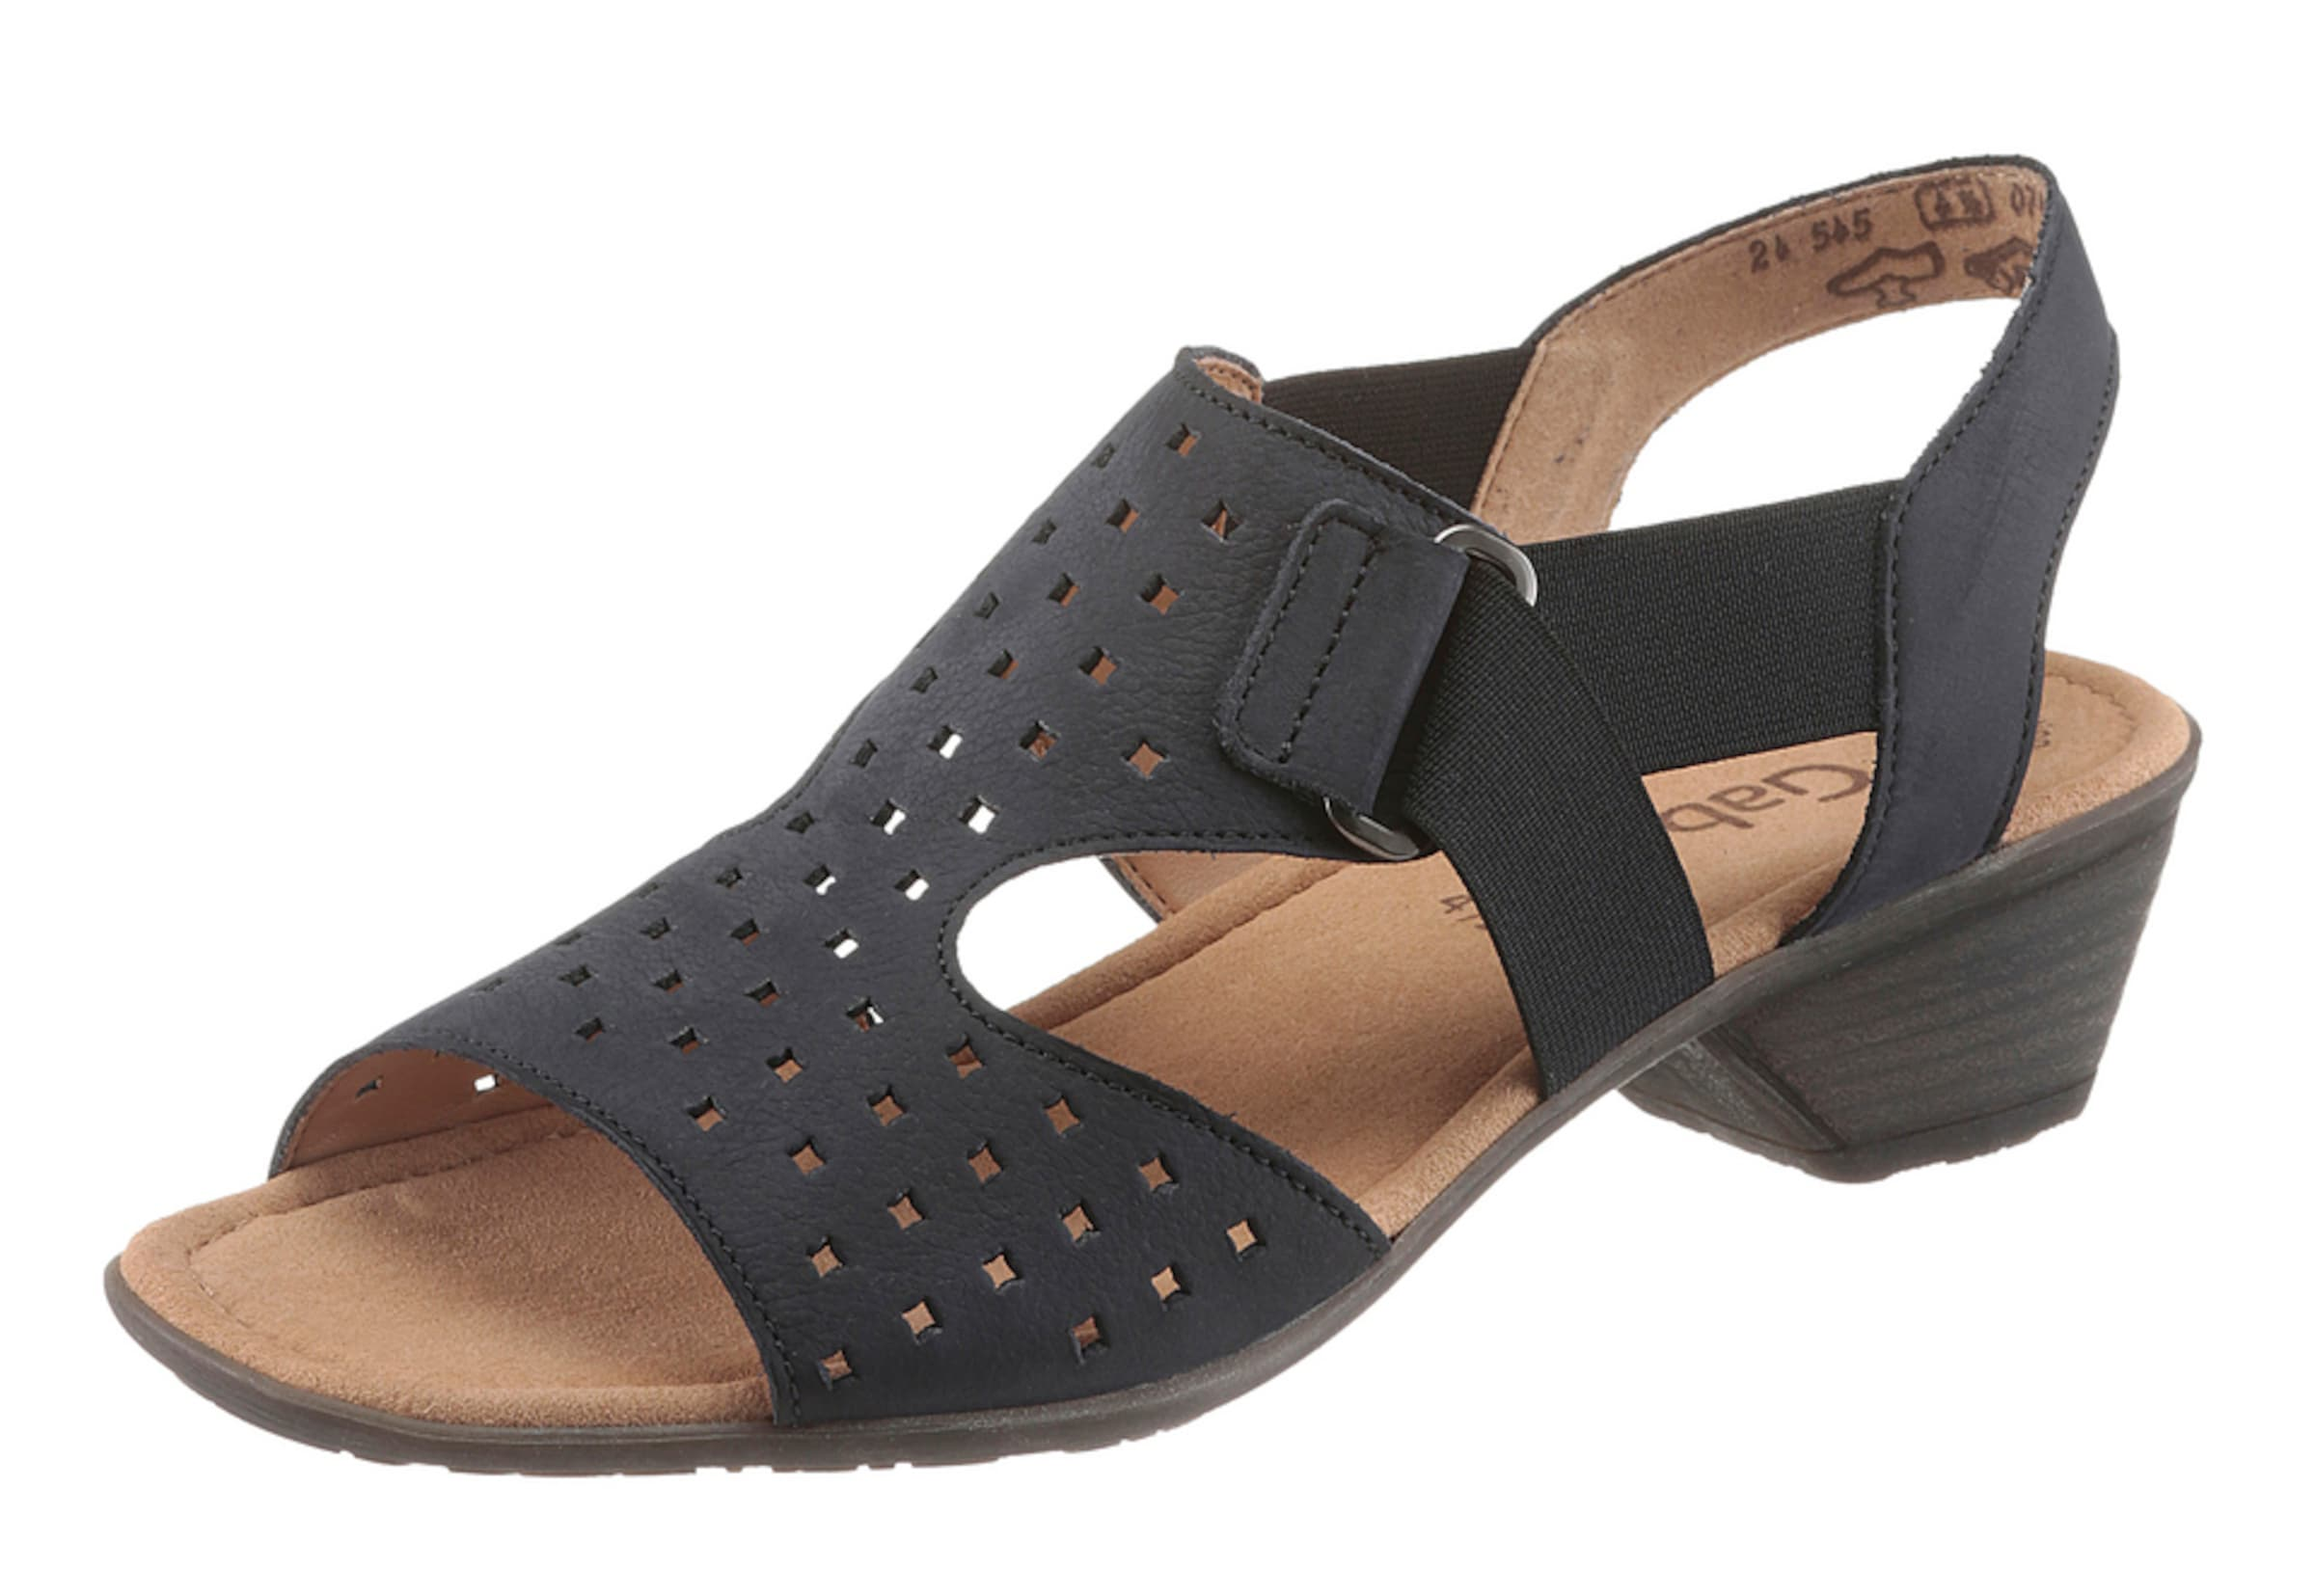 GABOR Riemchensandalette Verschleißfeste billige Schuhe Hohe Qualität